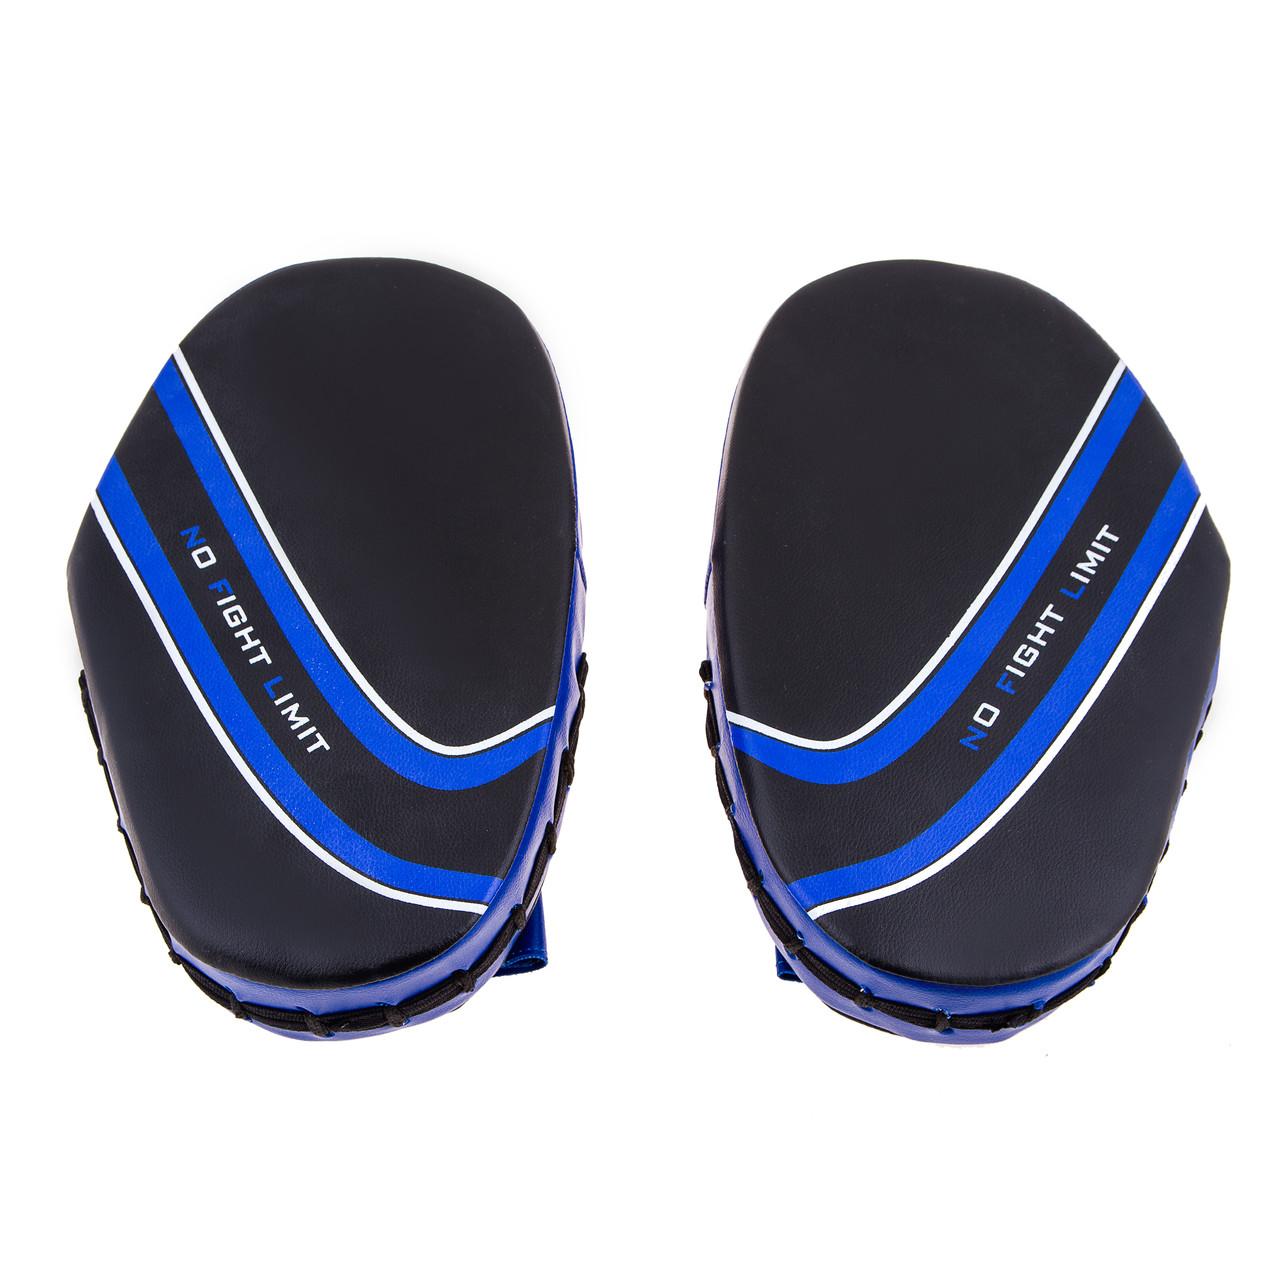 Лапа малая NoFightLimit PVC сине-черная BFL-1